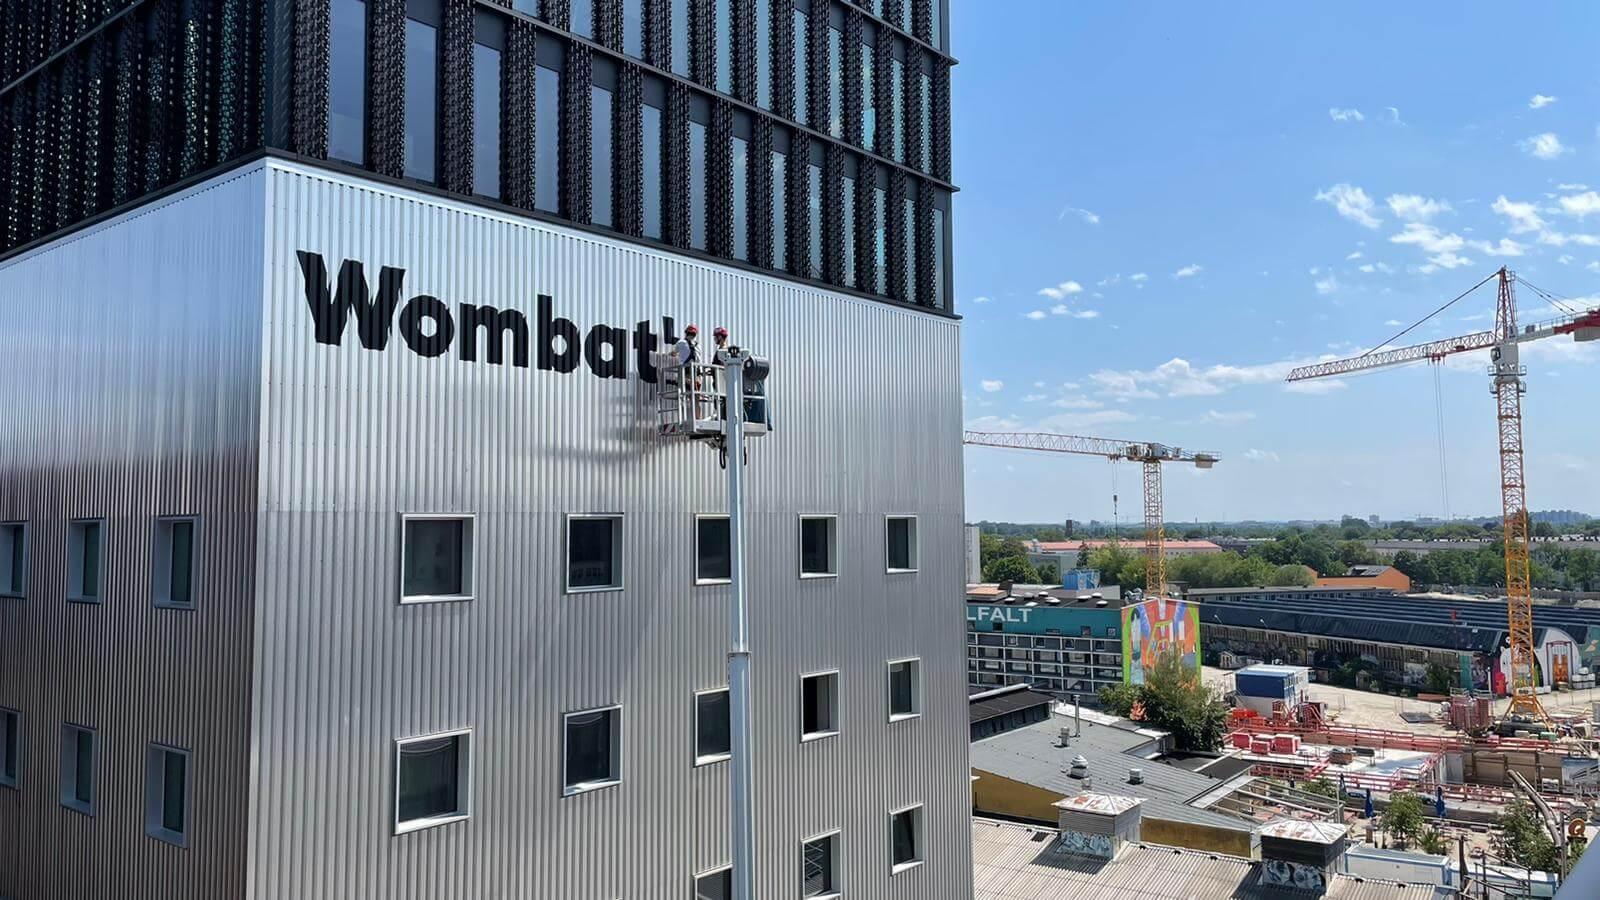 wombats werksviertel logo